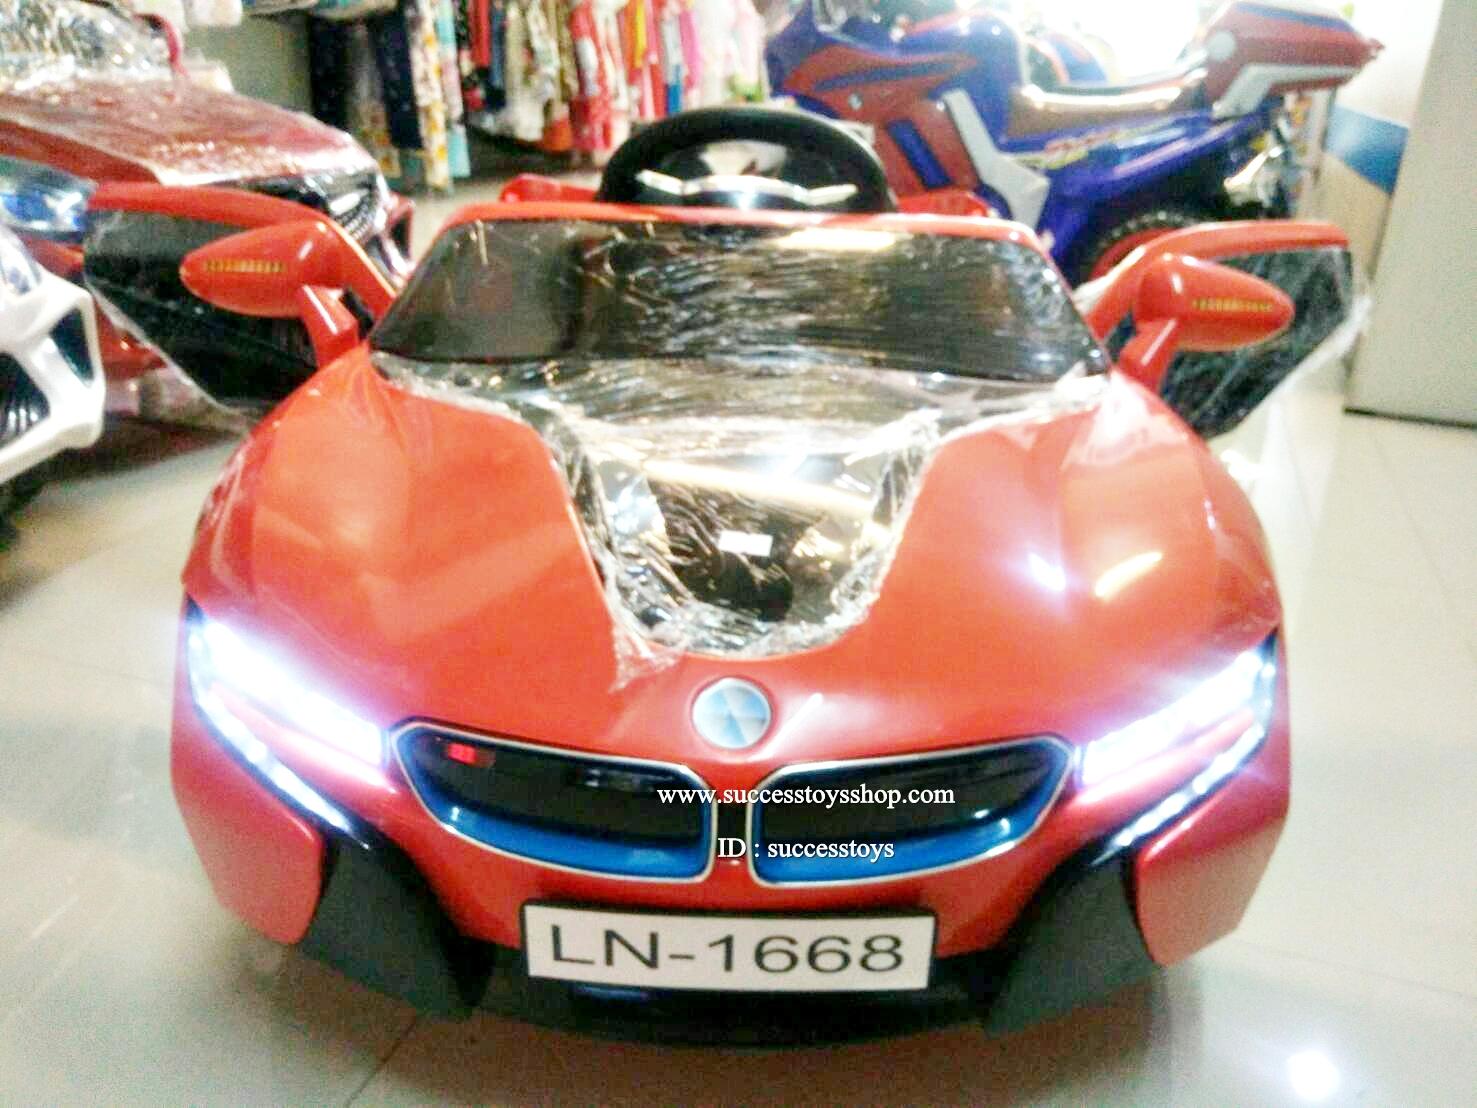 LN1668R รถแบตเตอรี่เด็กนั่ง BMW สีแดง